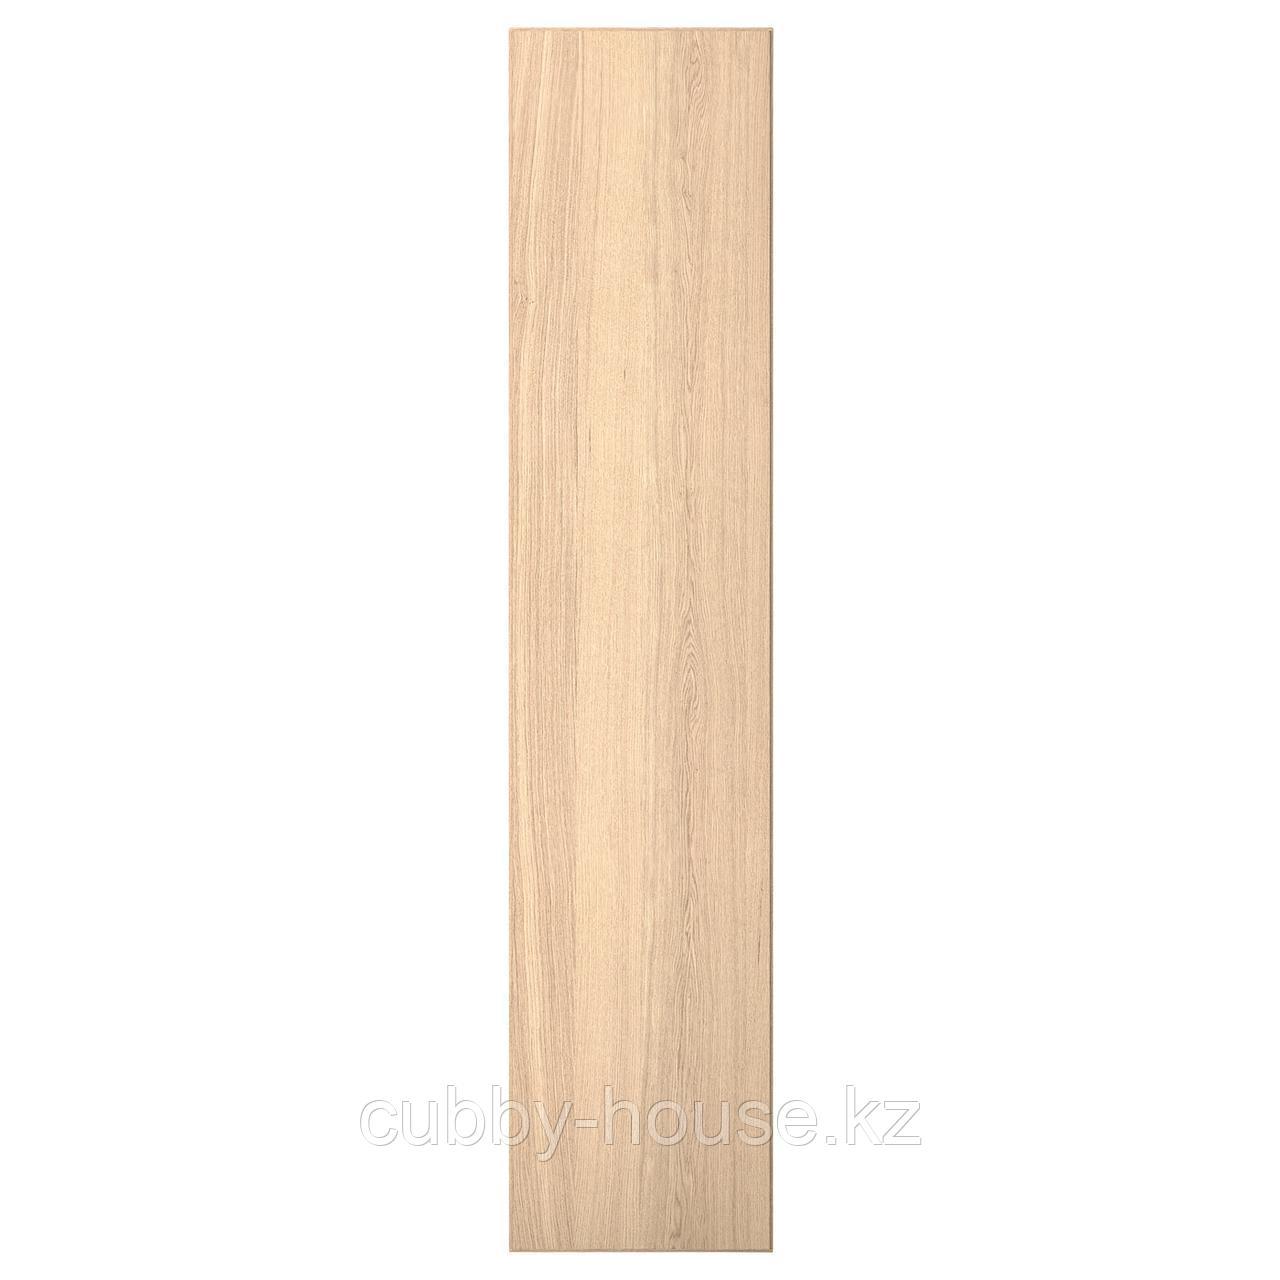 РЕПВОГ Дверь, дубовый шпон, беленый, 50x229 см